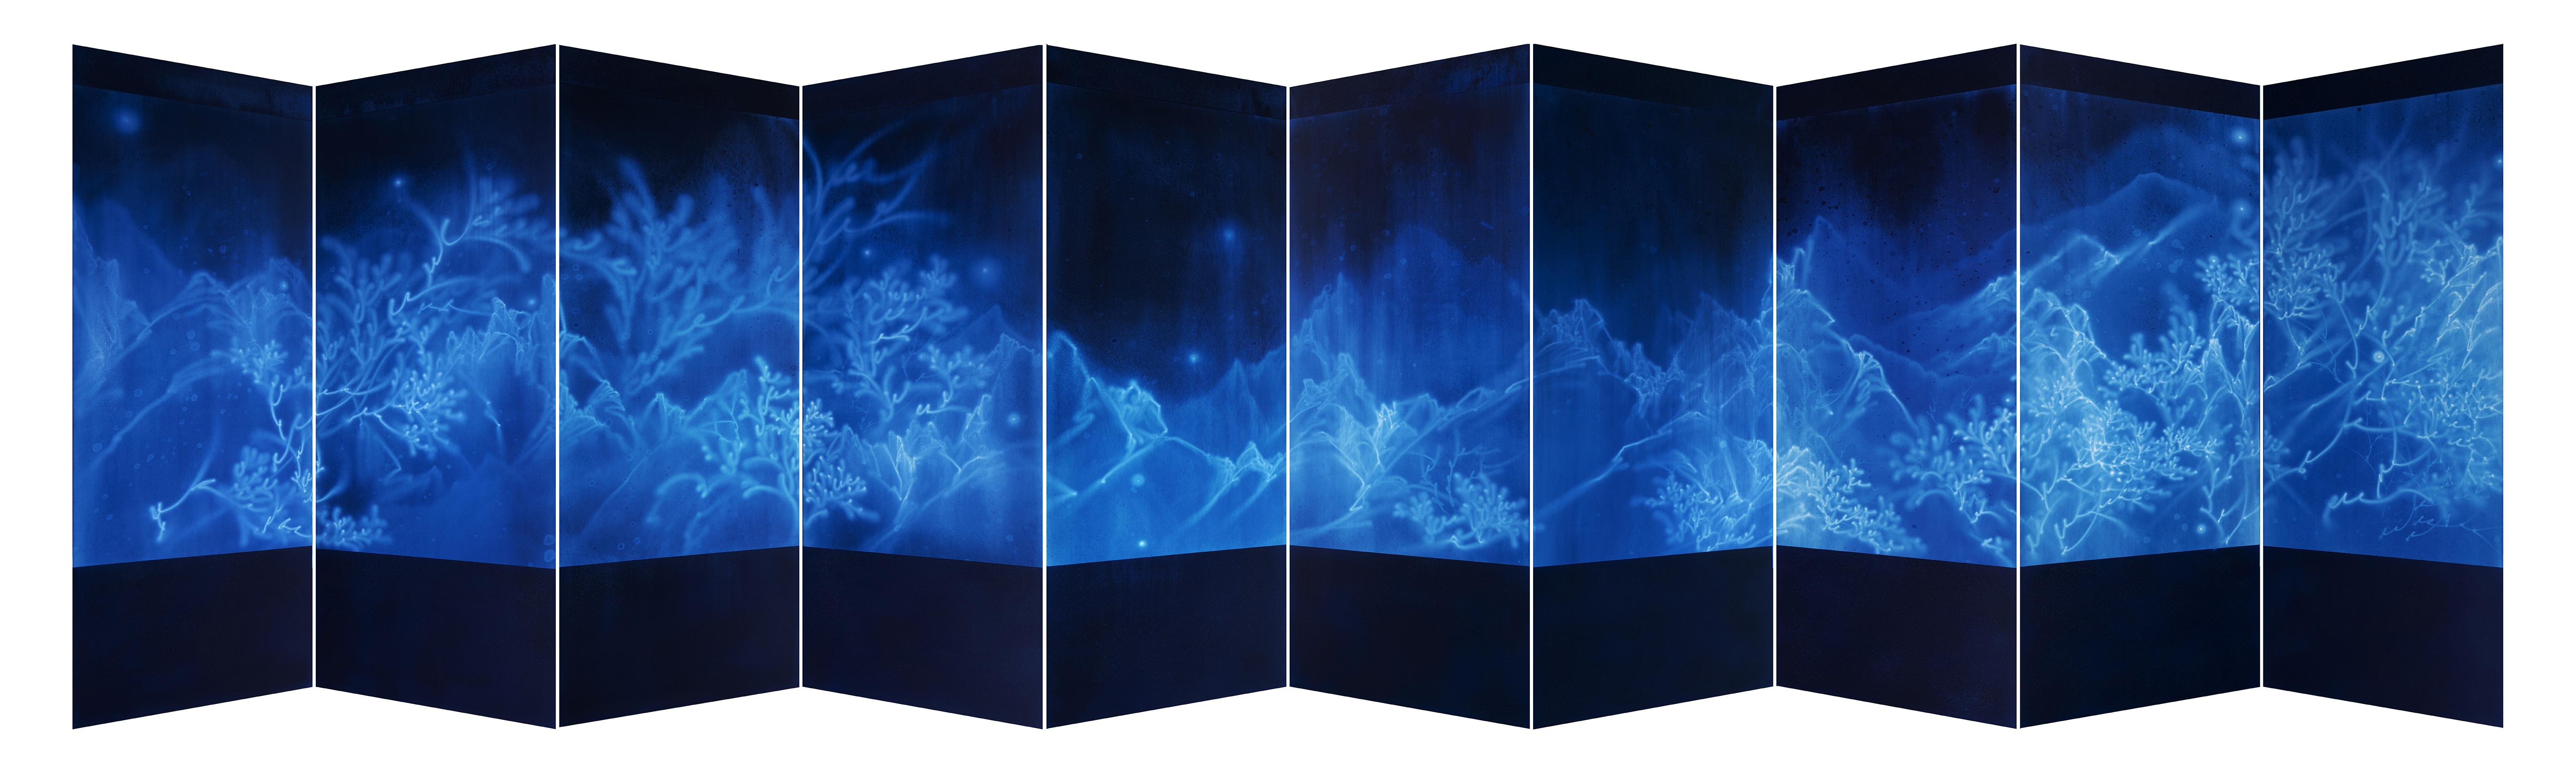 병풍 WATERSCAPE 18001, 170x600cm, 전통안료, 캔버